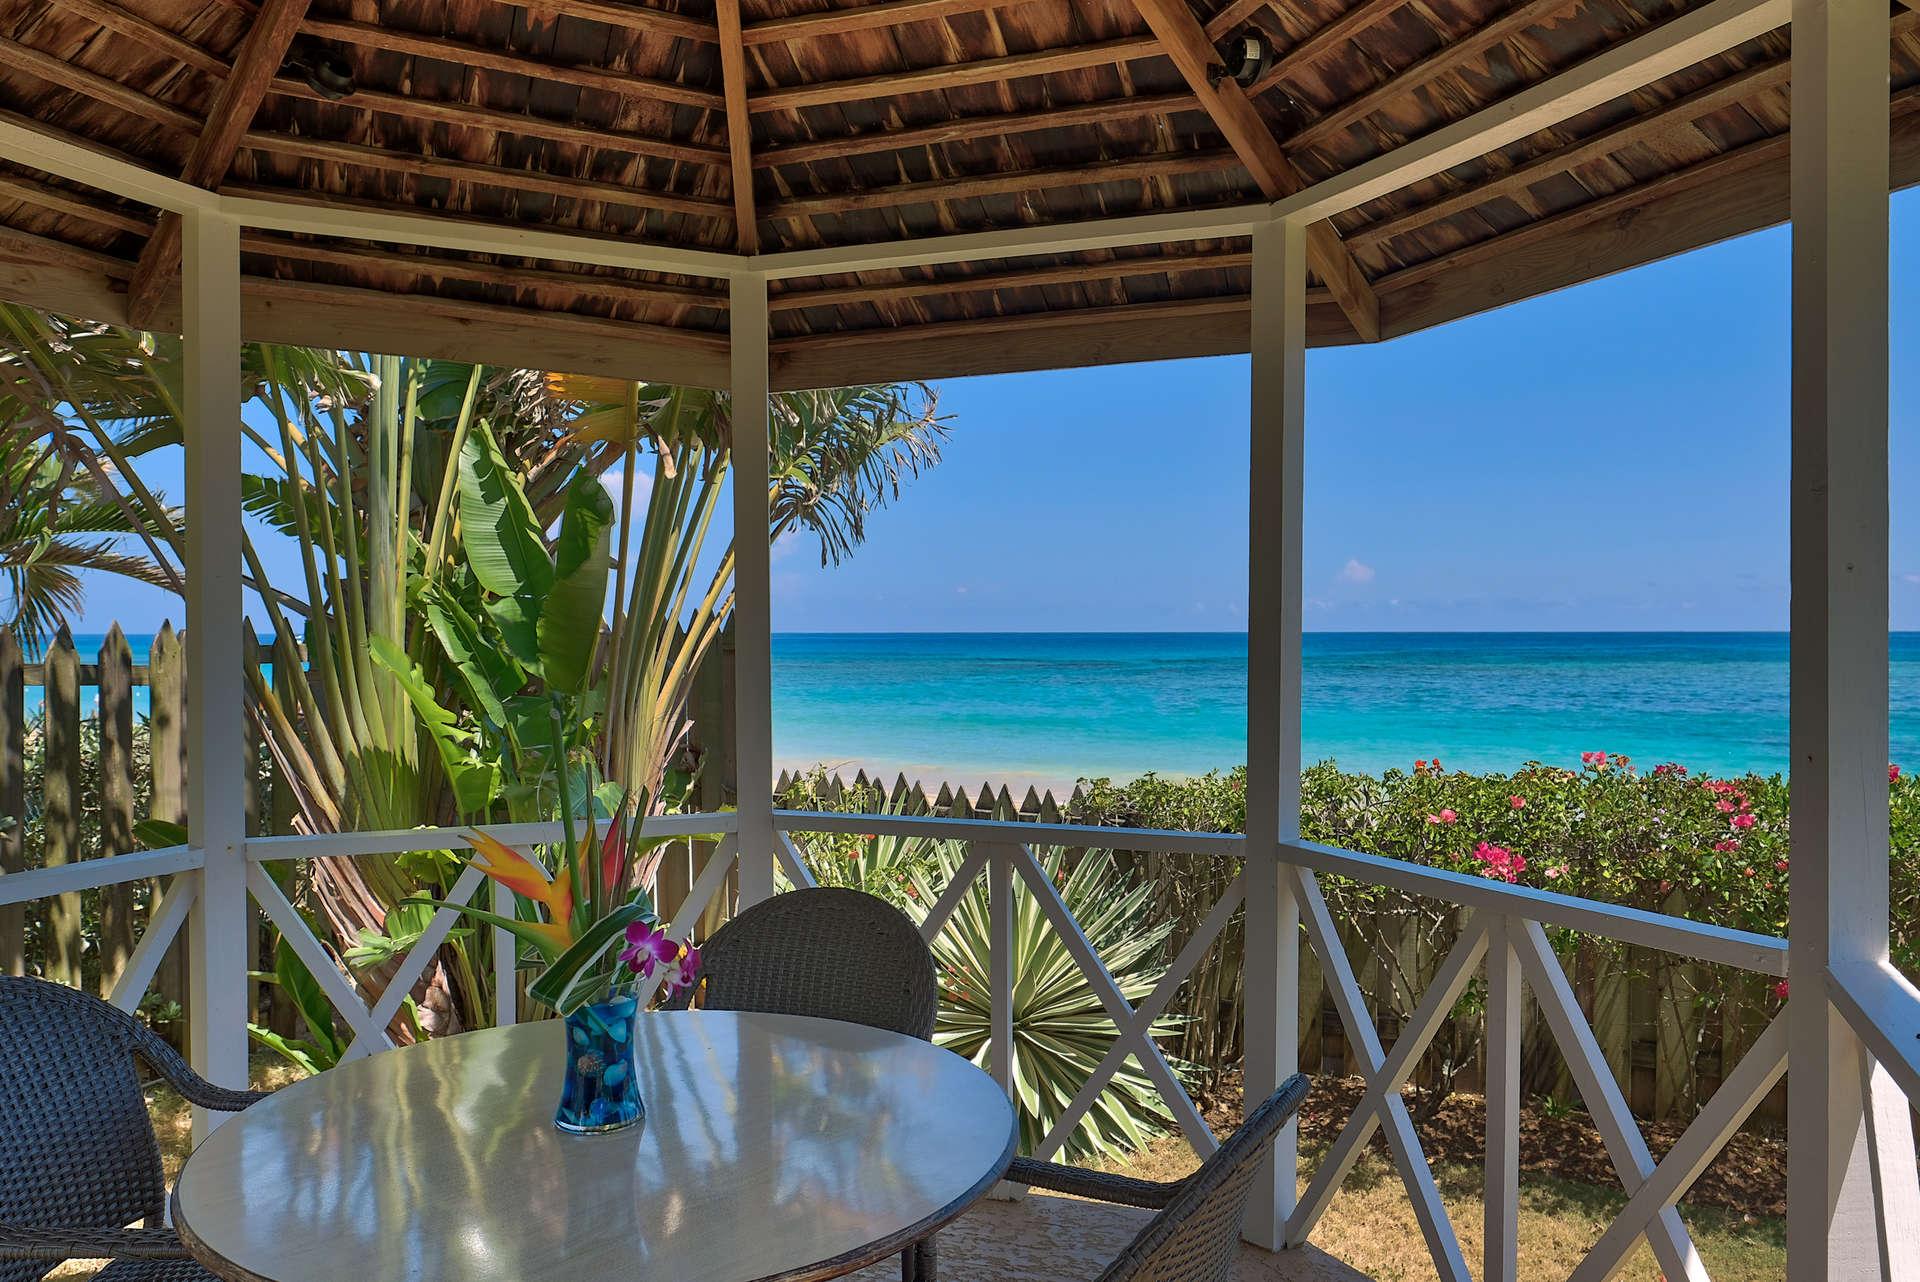 Luxury villa rentals caribbean - Jamaica - Runaway bay - No location 4 - Villa Turrassan - Image 1/30